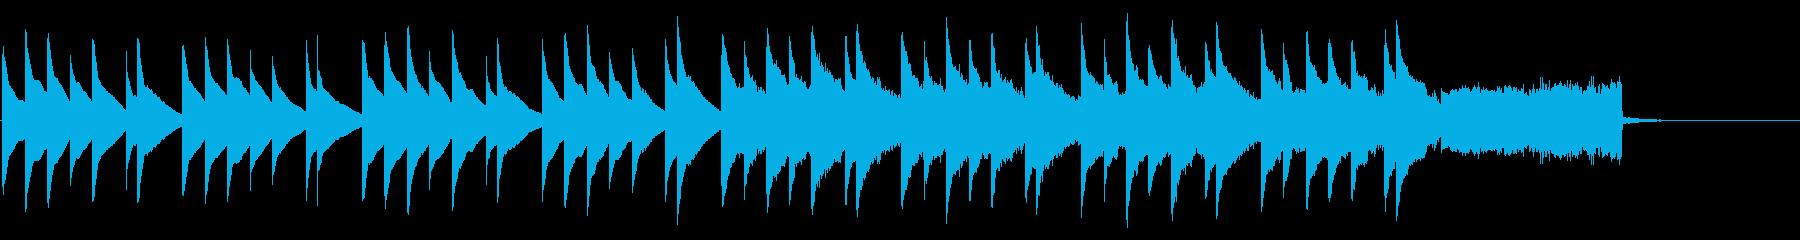 緊張感漂うベルとオルガンの調べの再生済みの波形